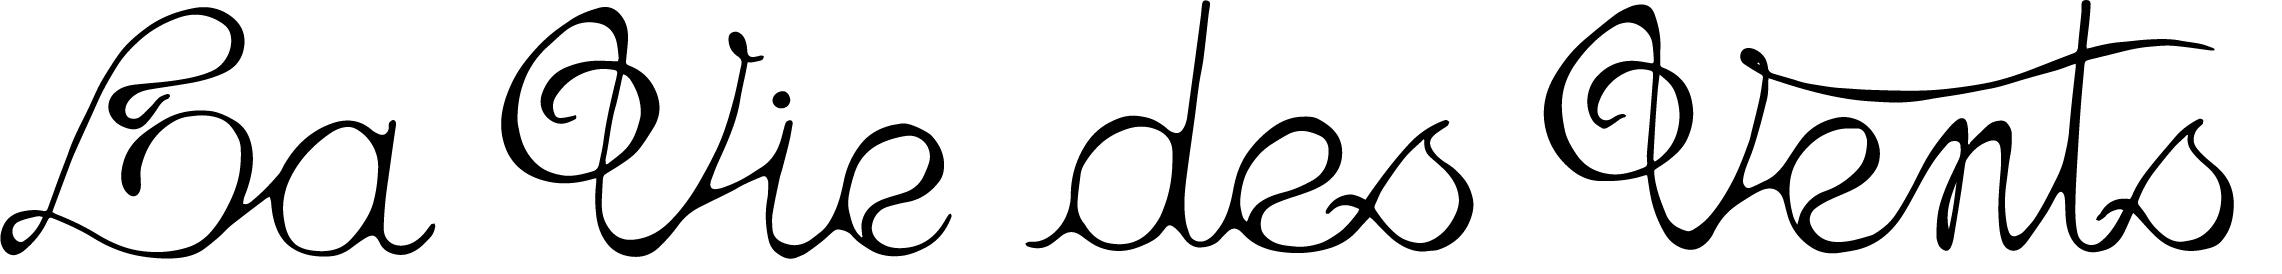 Nom calligraphié atelier La vie des vents